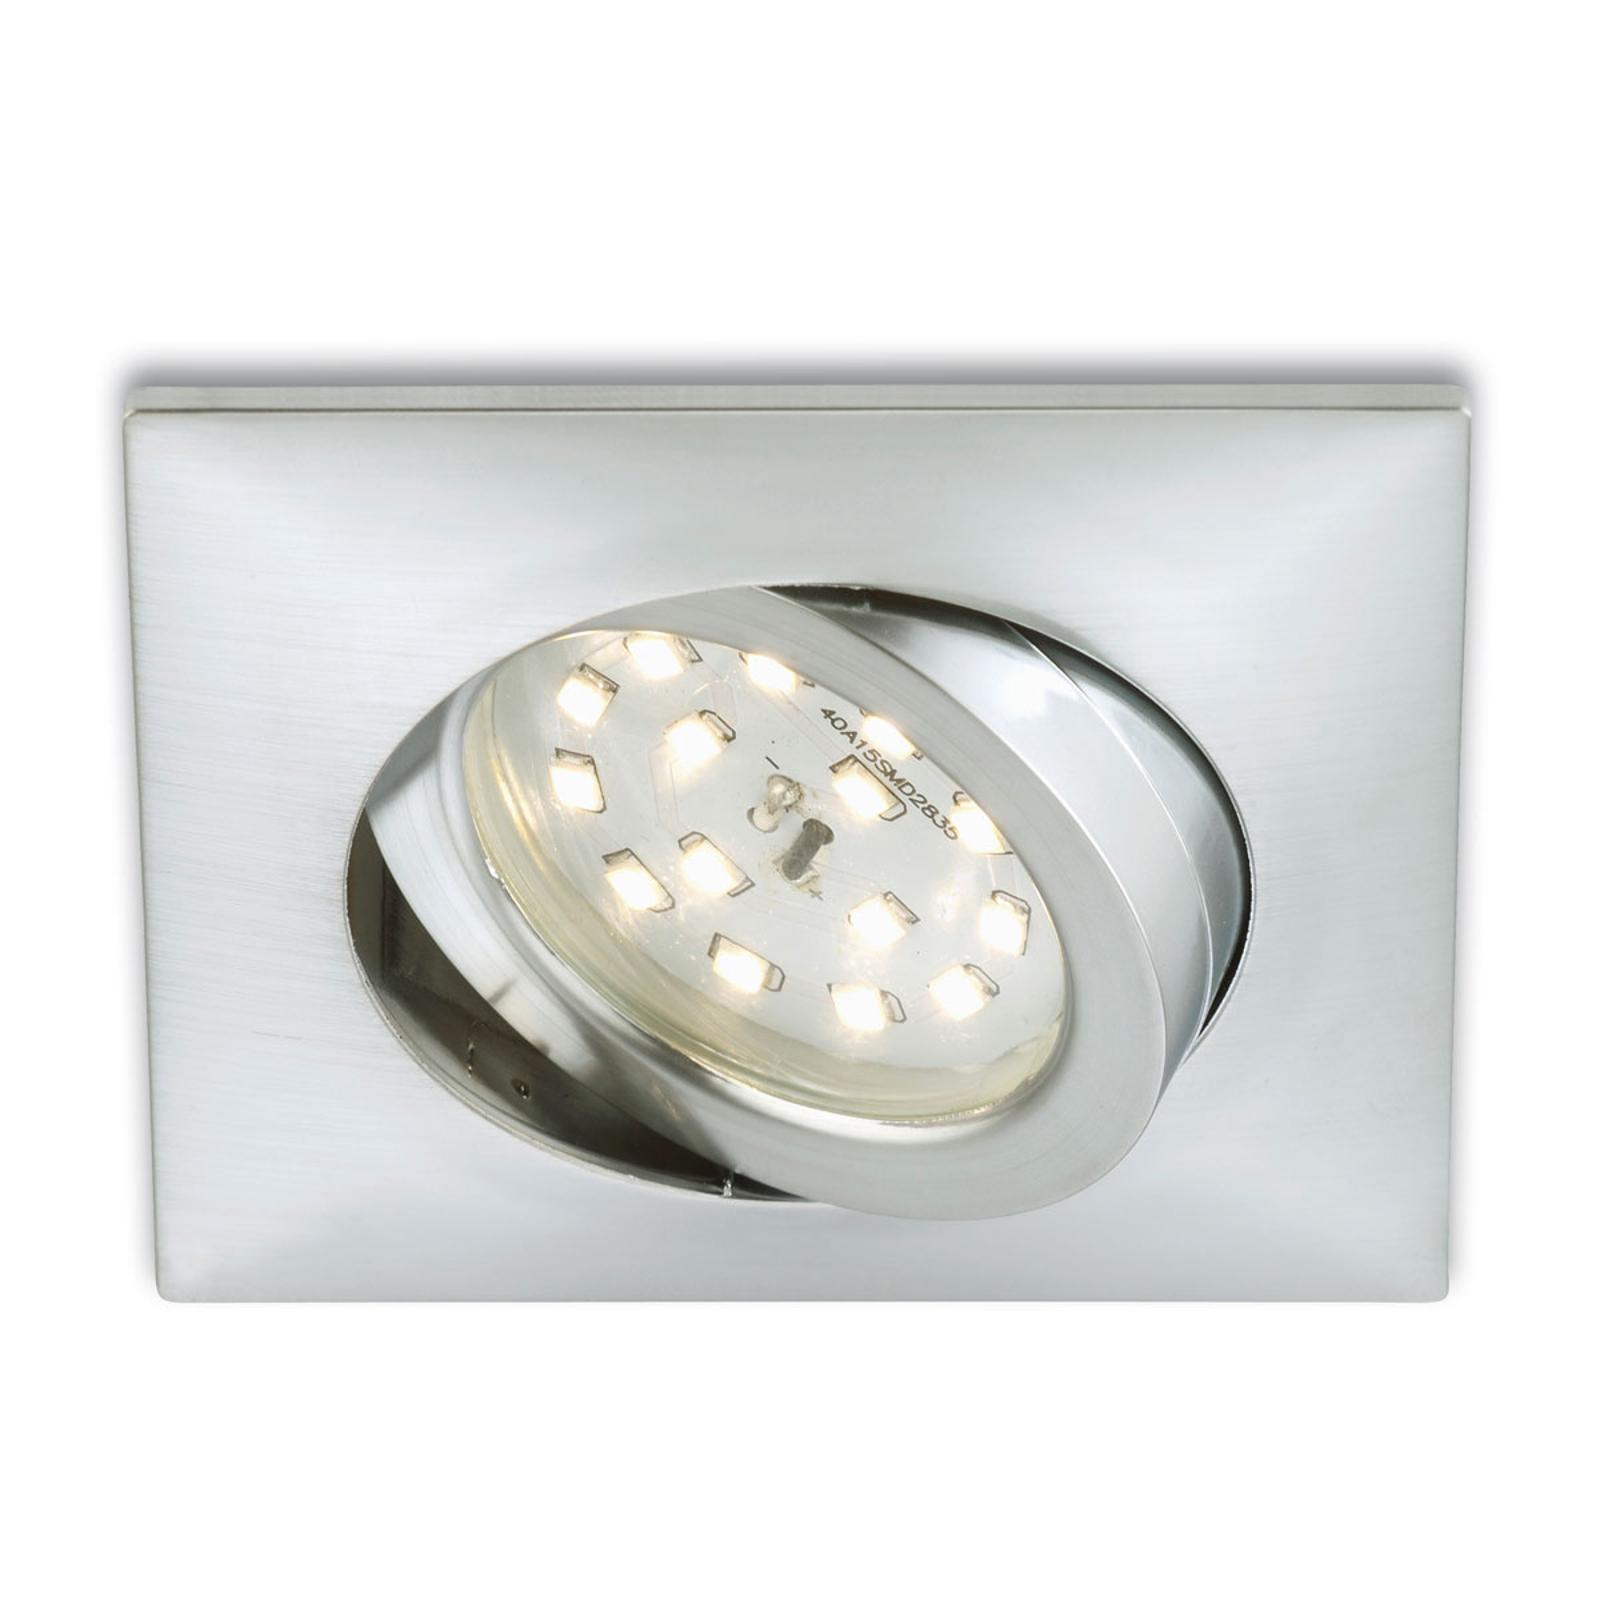 Faretto incasso Erik LED angolare - alluminio